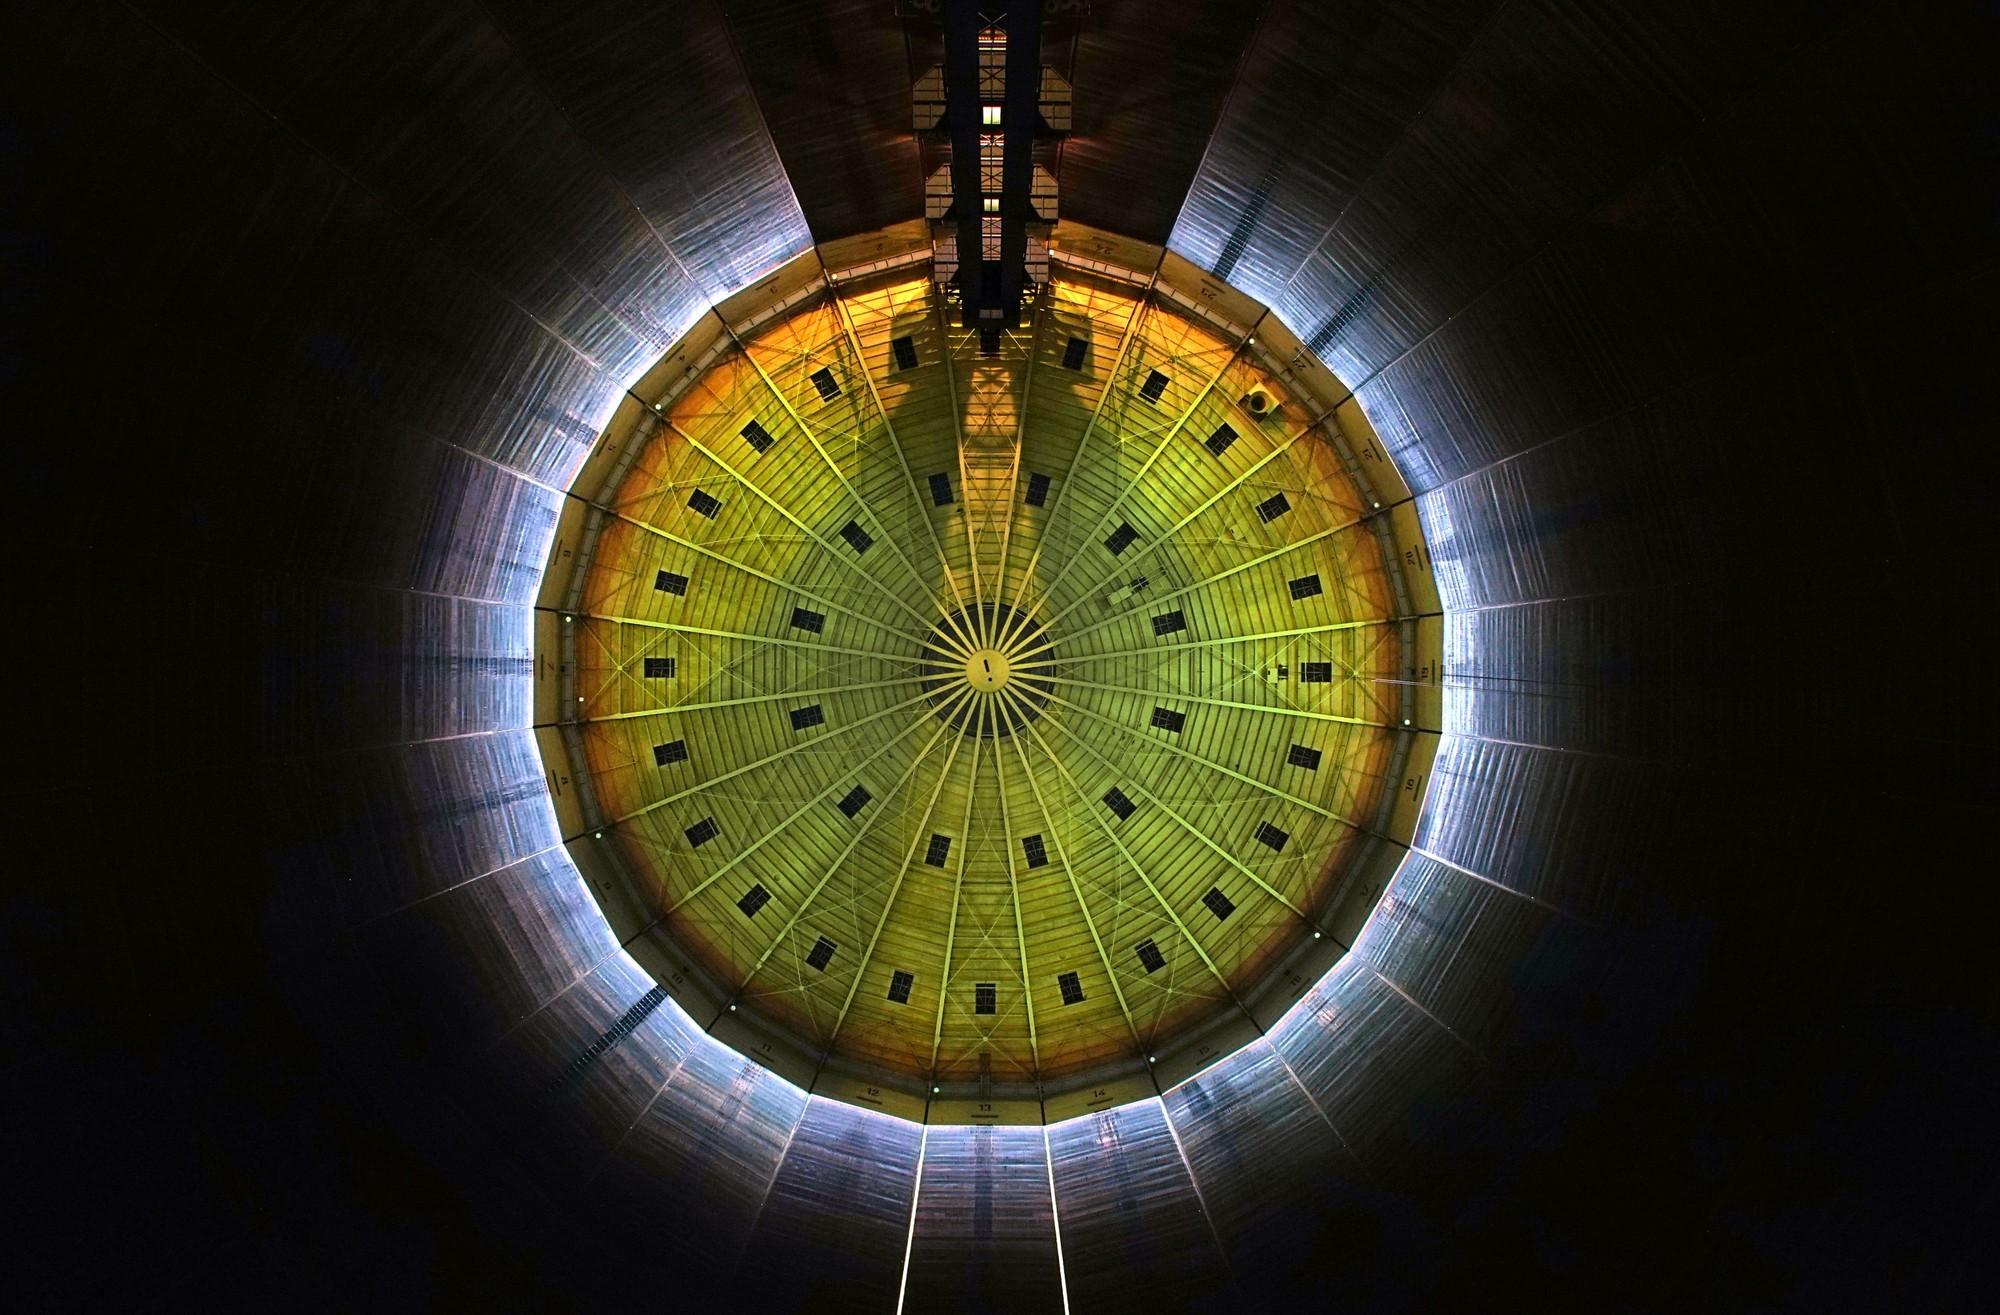 320º LICHT: creación de una catedral de luz dentro de un tanque de gas por URBANSCREEN, Courtesy of URBANSCREEN